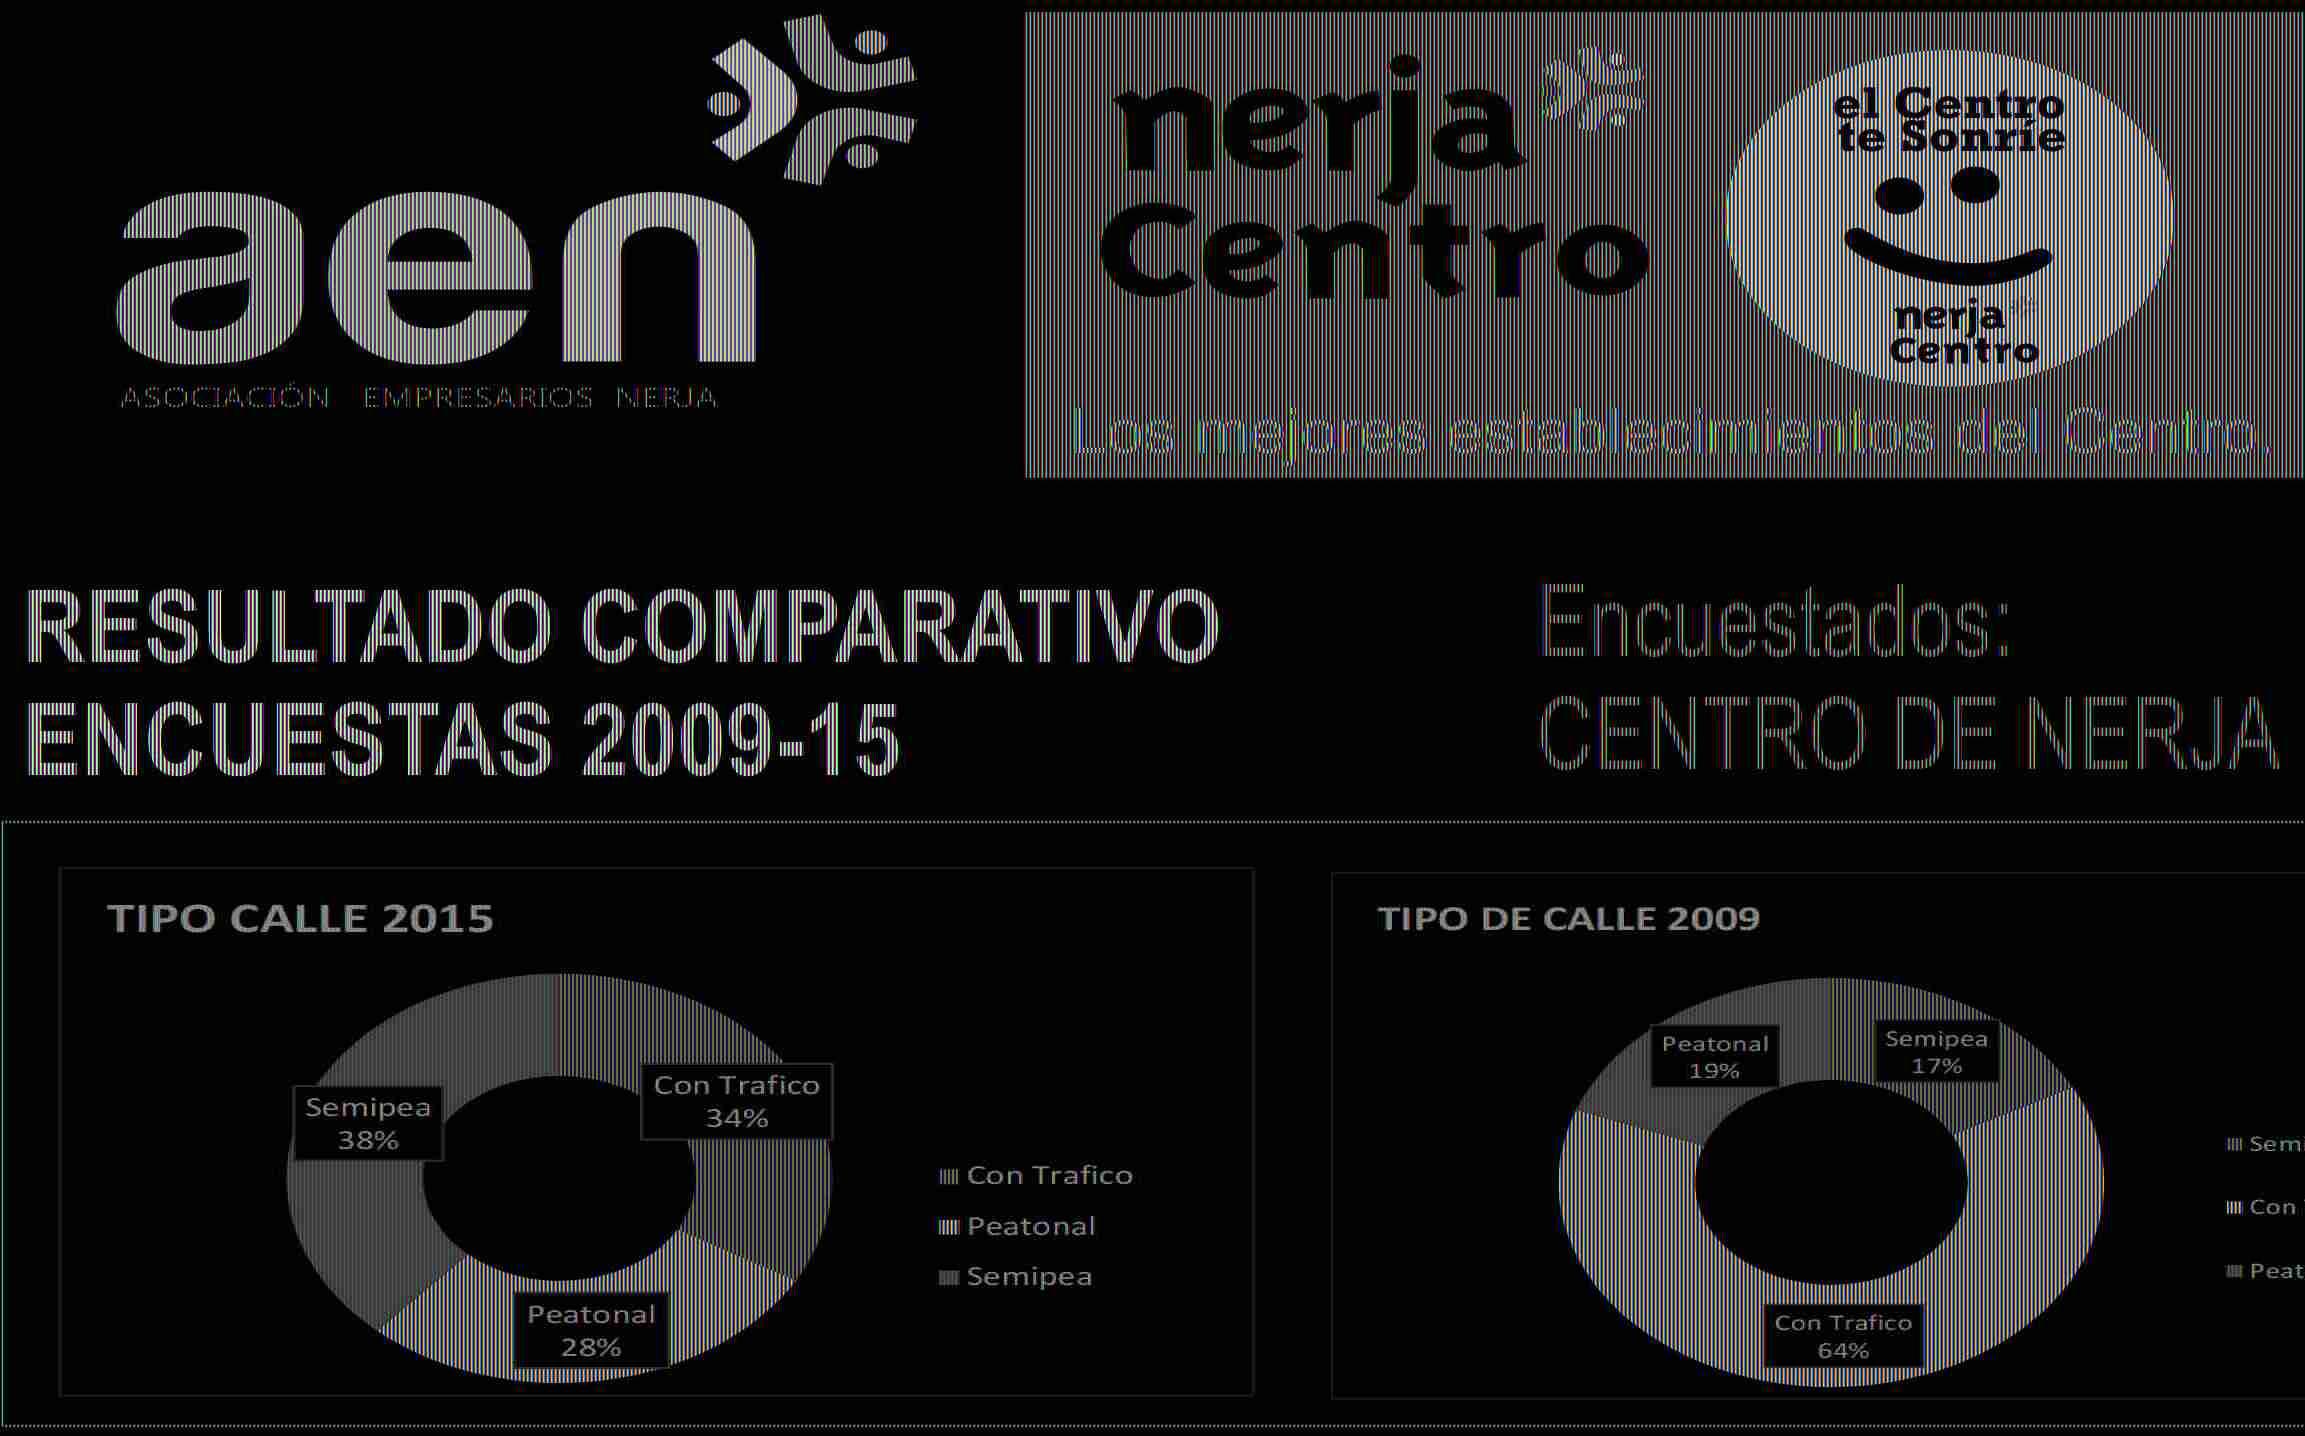 encuestras 1995-2015